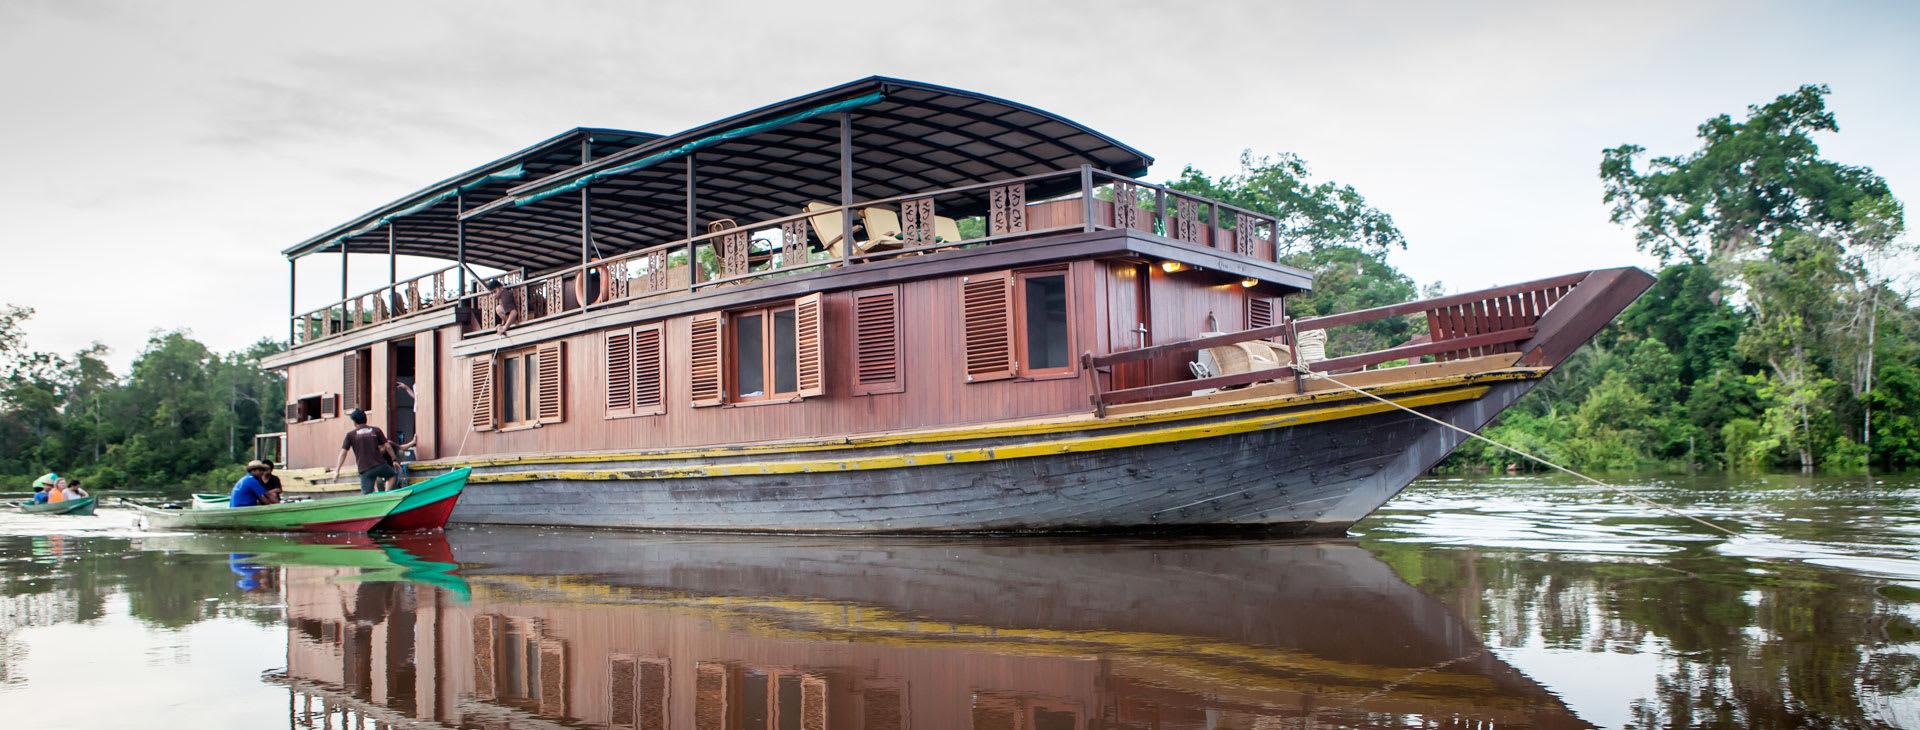 Boat on the riverin Borneo